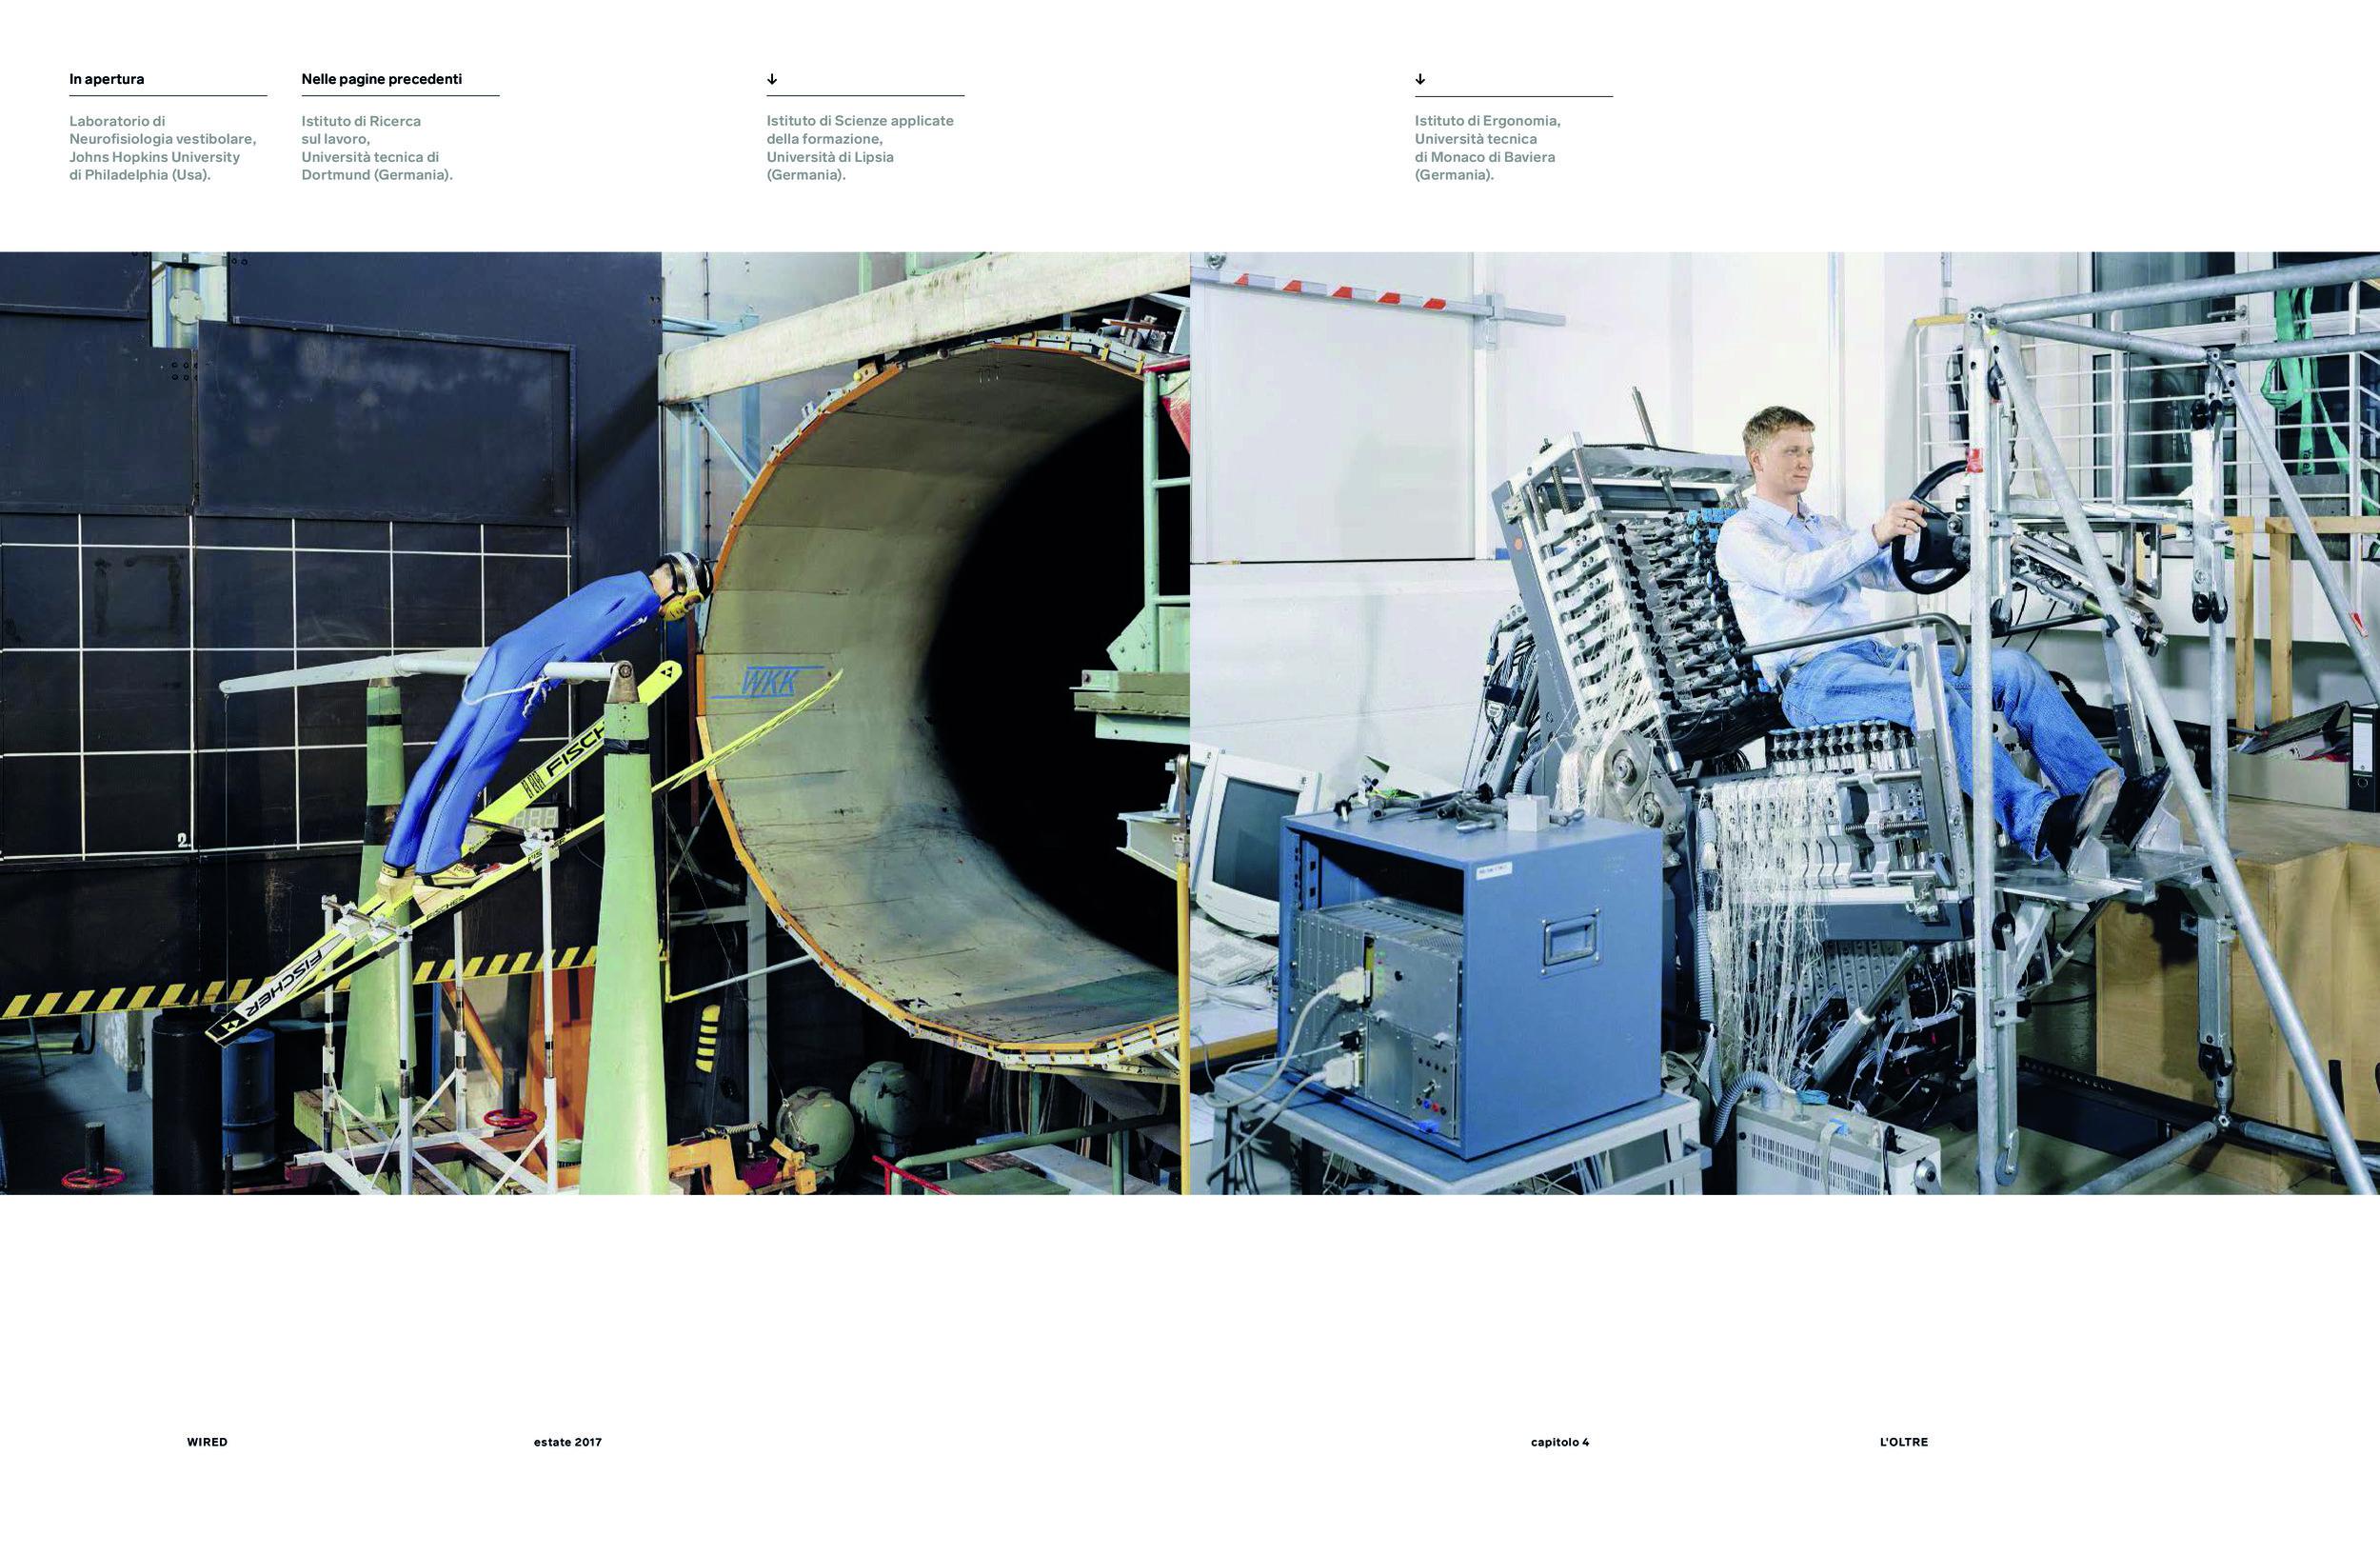 Wired Italia 4.jpg